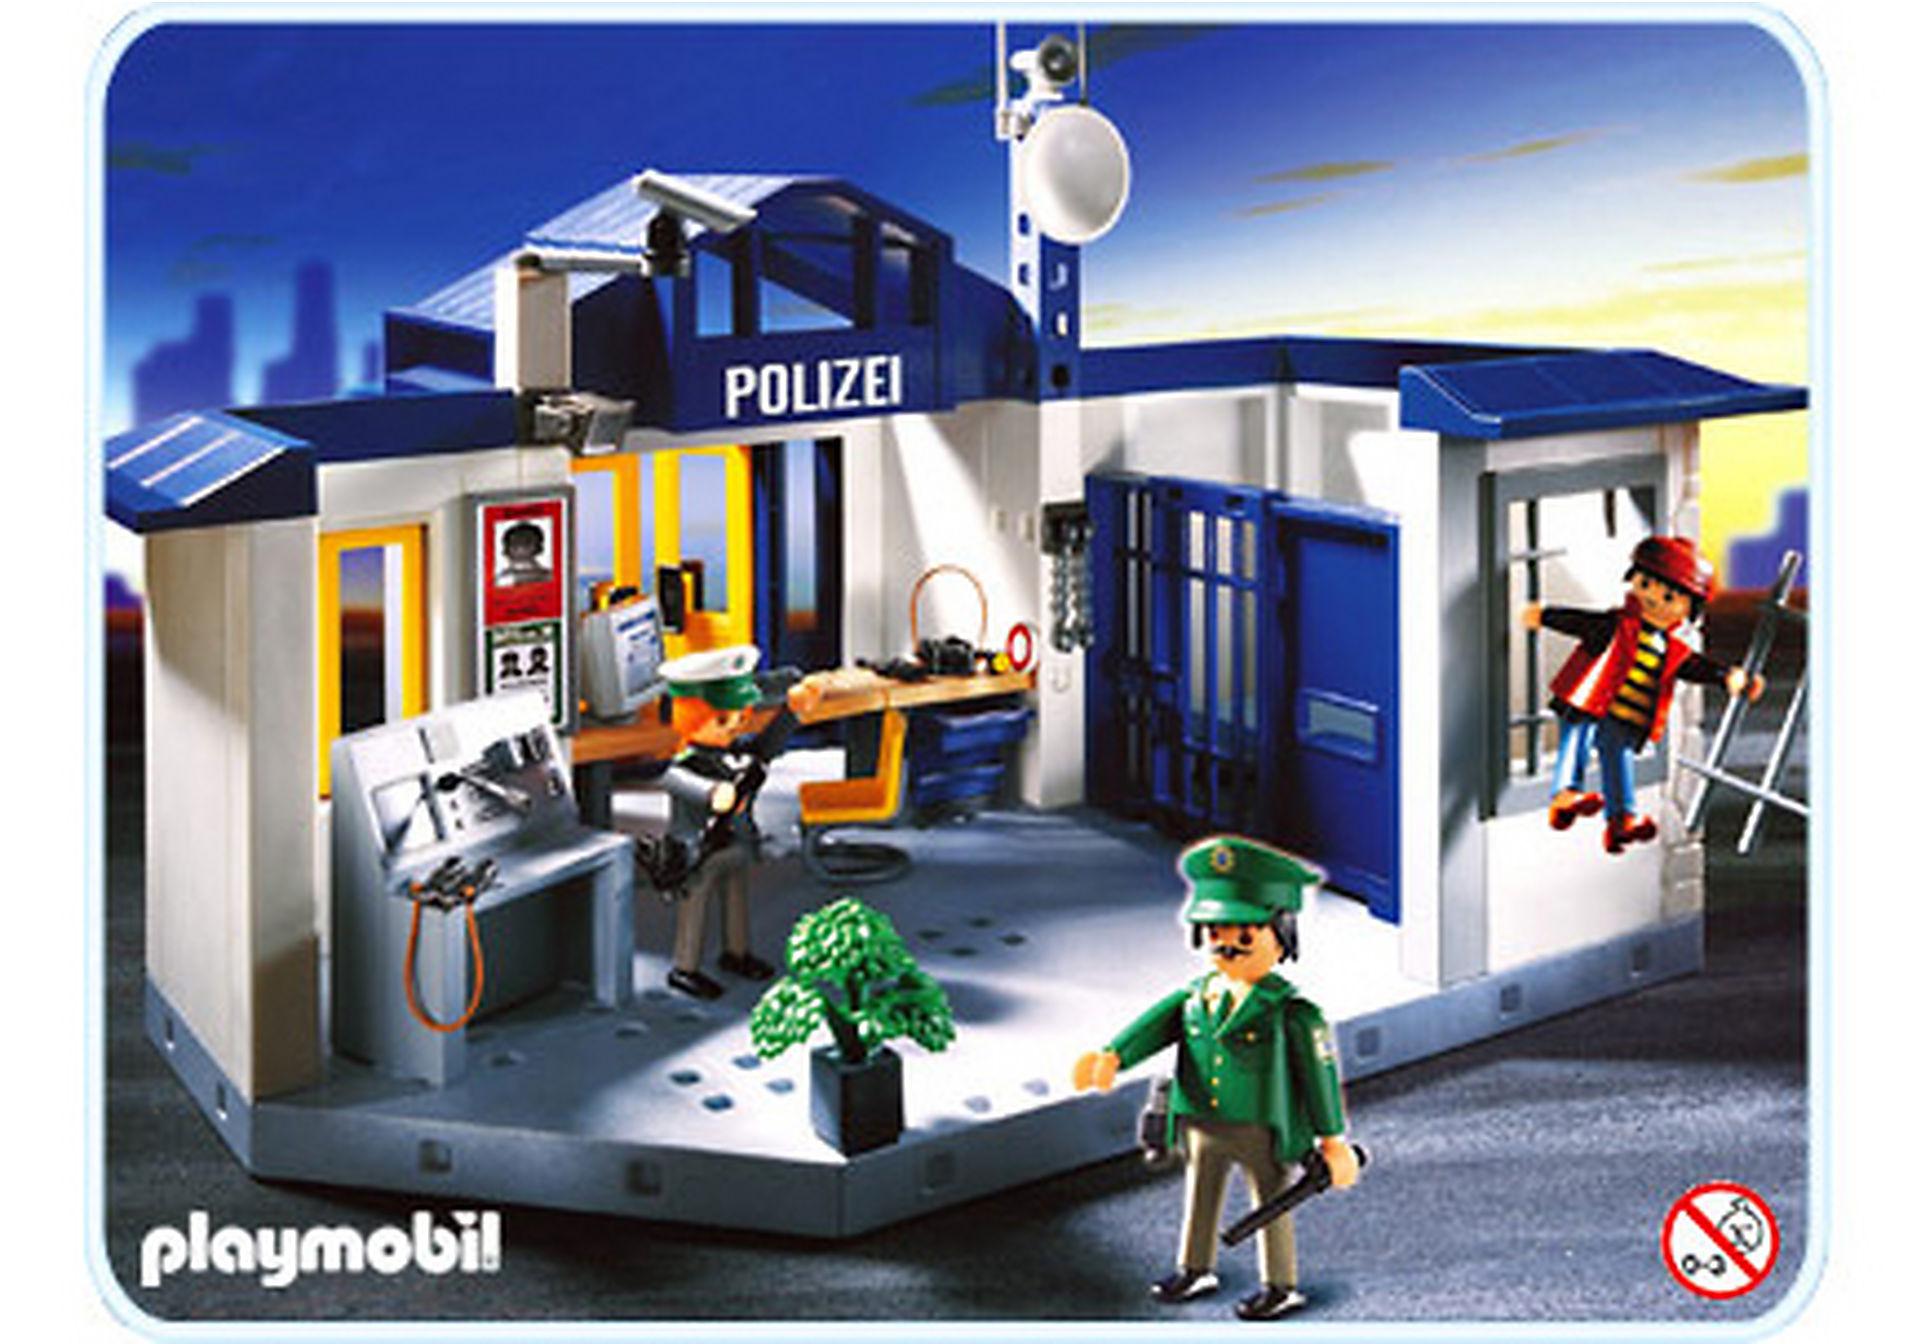 3159-A Polizeirevier/Gefängnis zoom image1